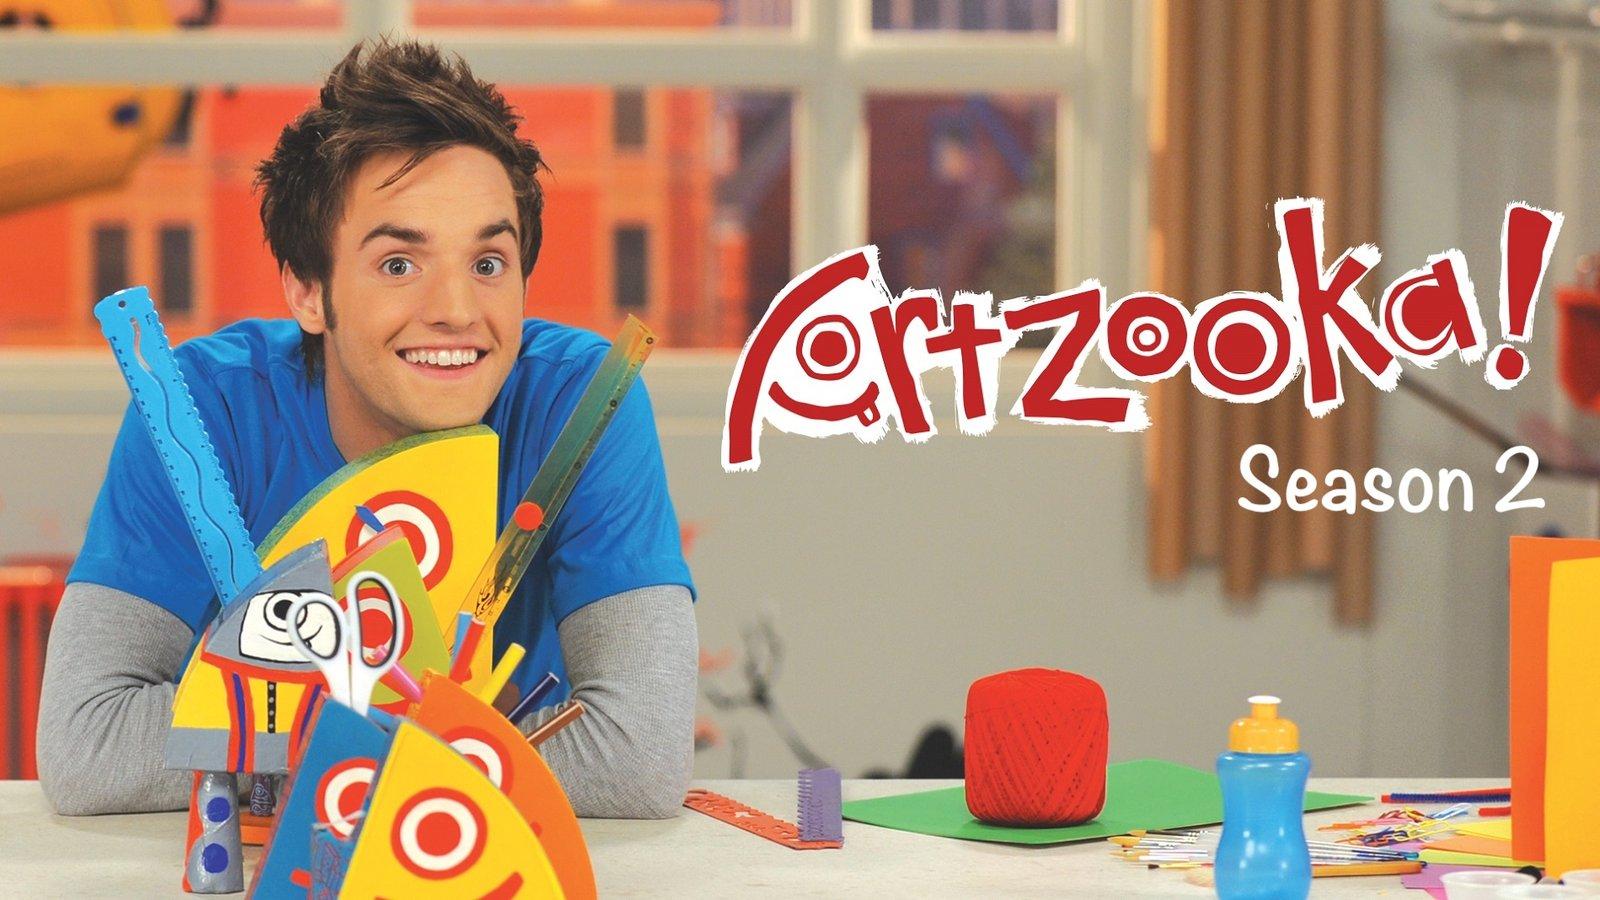 Artzooka Season 2